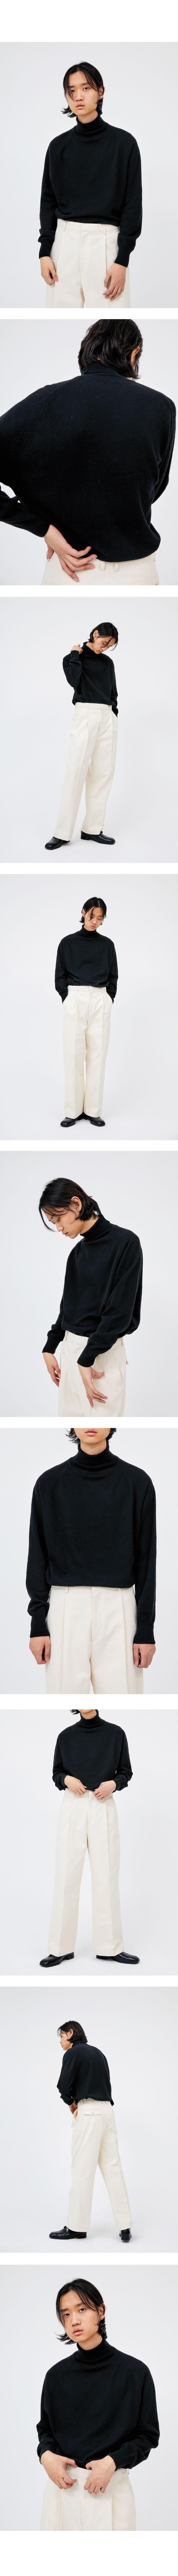 merino wool raglan turtleneck knit - woman